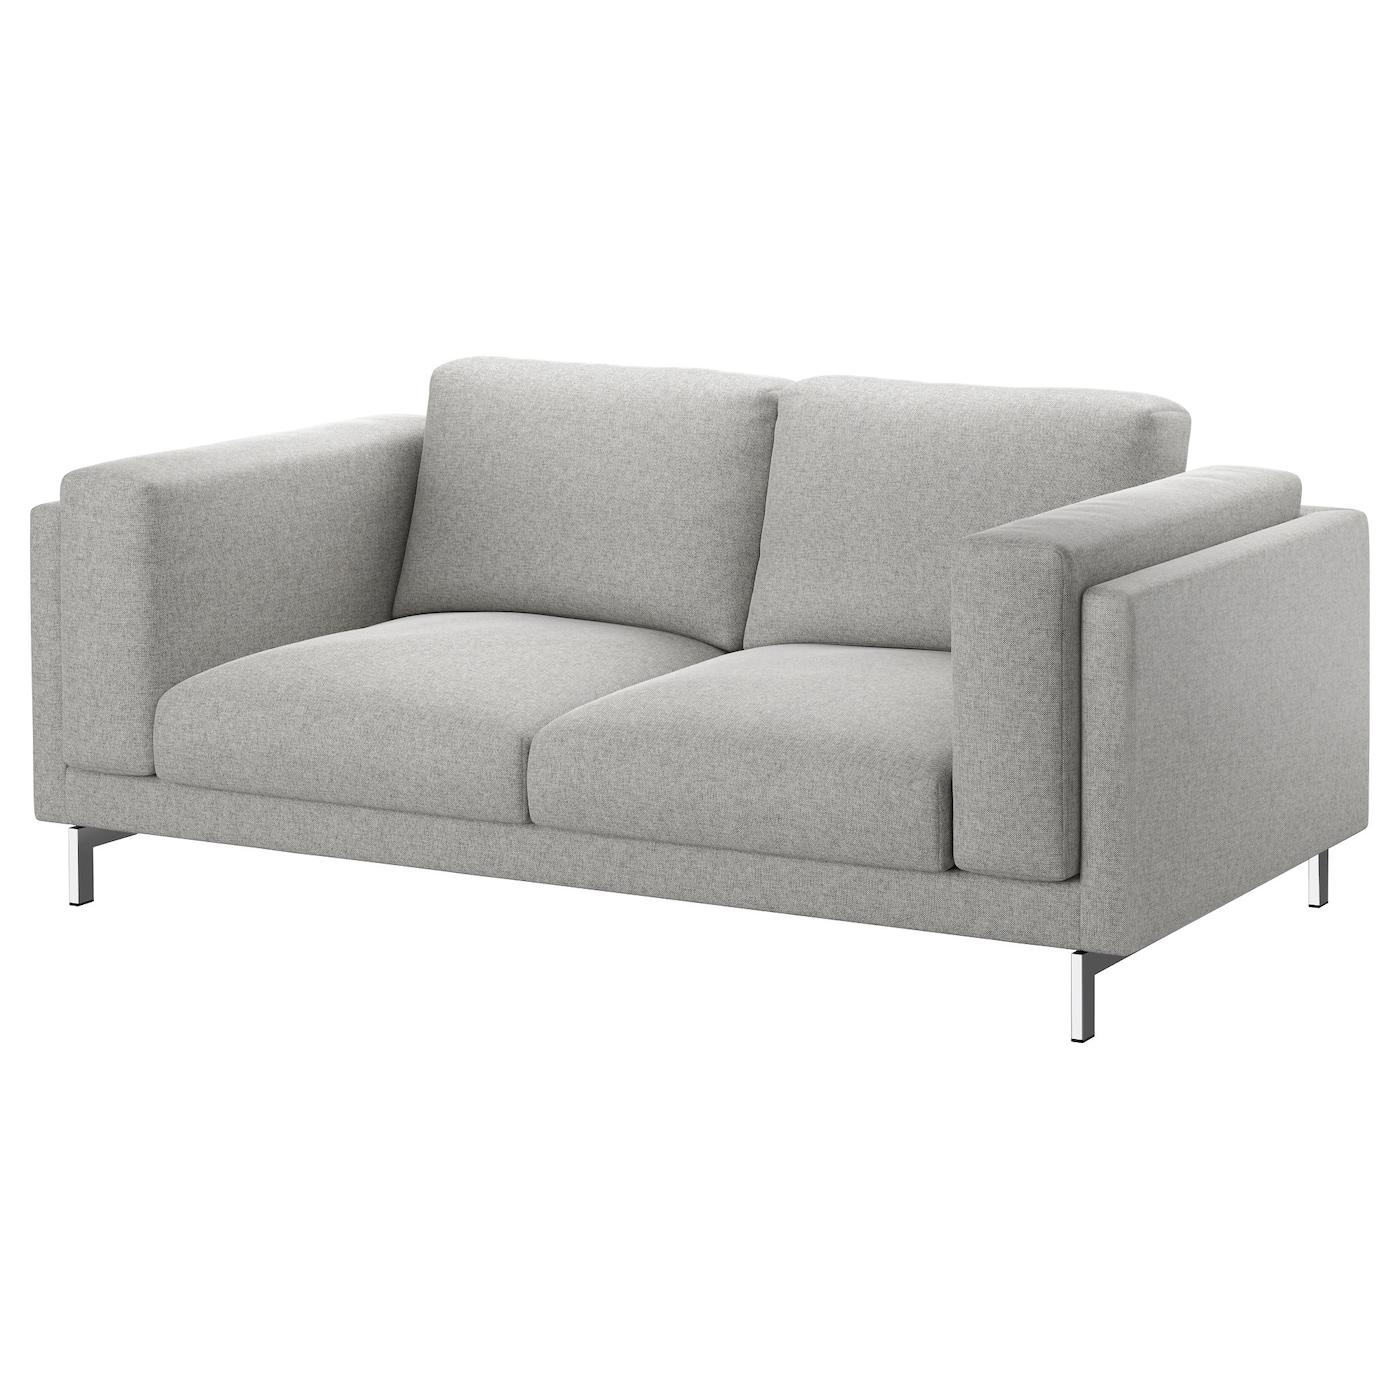 NOCKEBY Cover two seat sofa Tallmyra white black IKEA